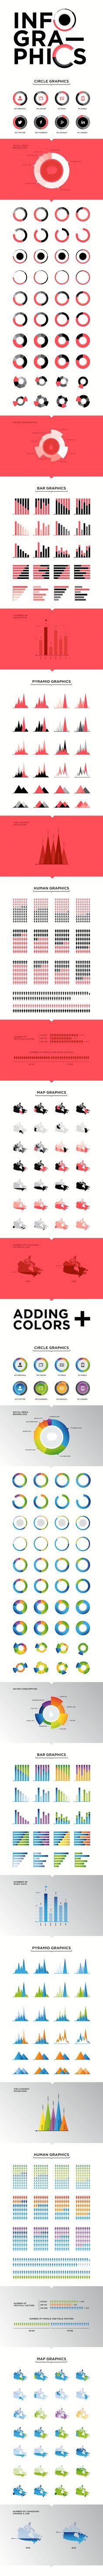 Modelos de gráficos para infografías #infografia #infographic#design